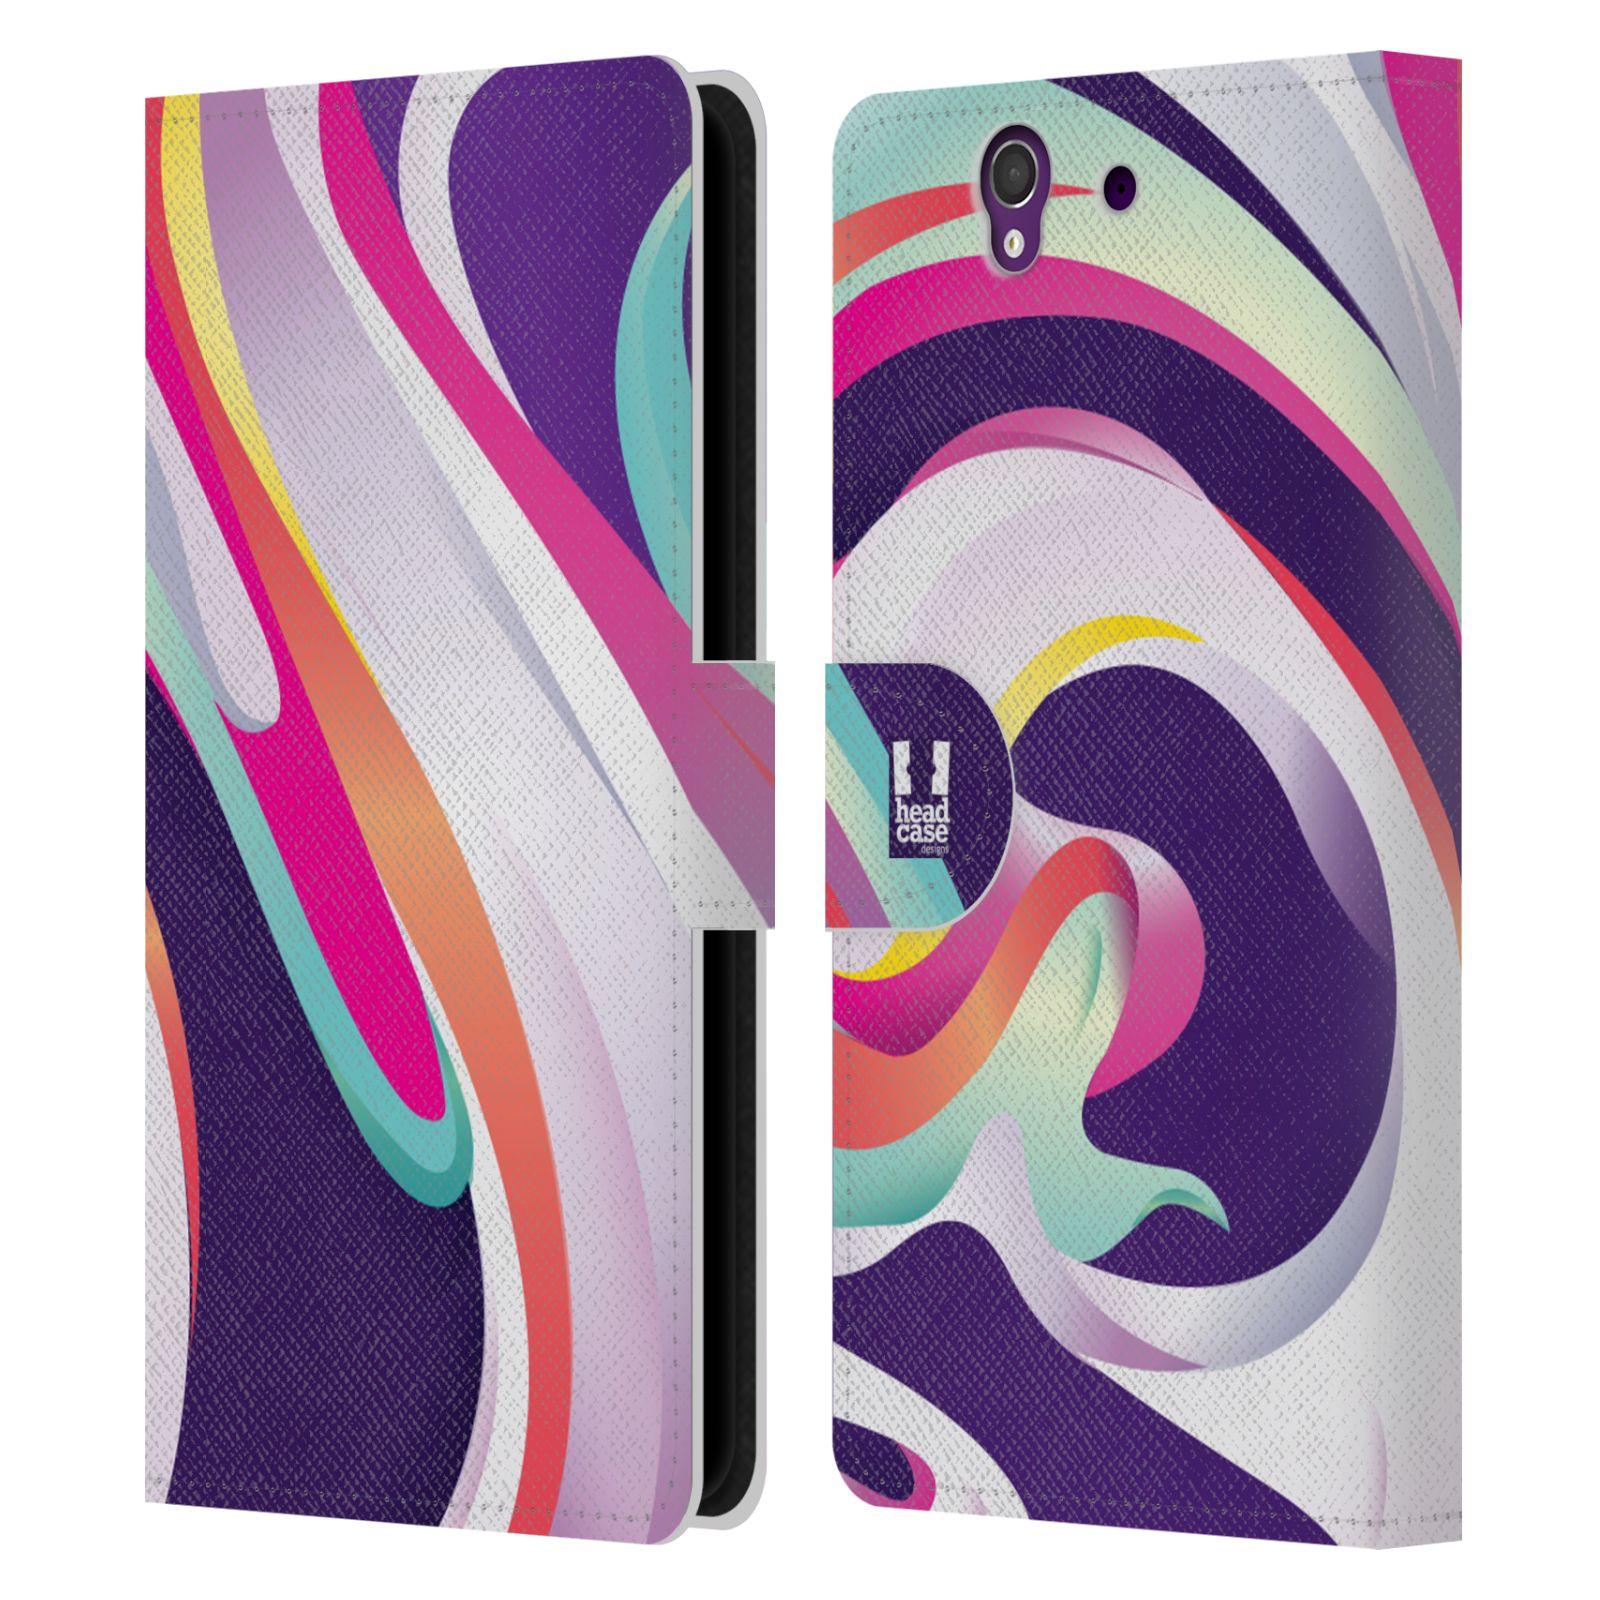 HEAD CASE Flipové pouzdro pro mobil SONY XPERIA Z (C6603) barevný mramor GELATO fialová a růžová